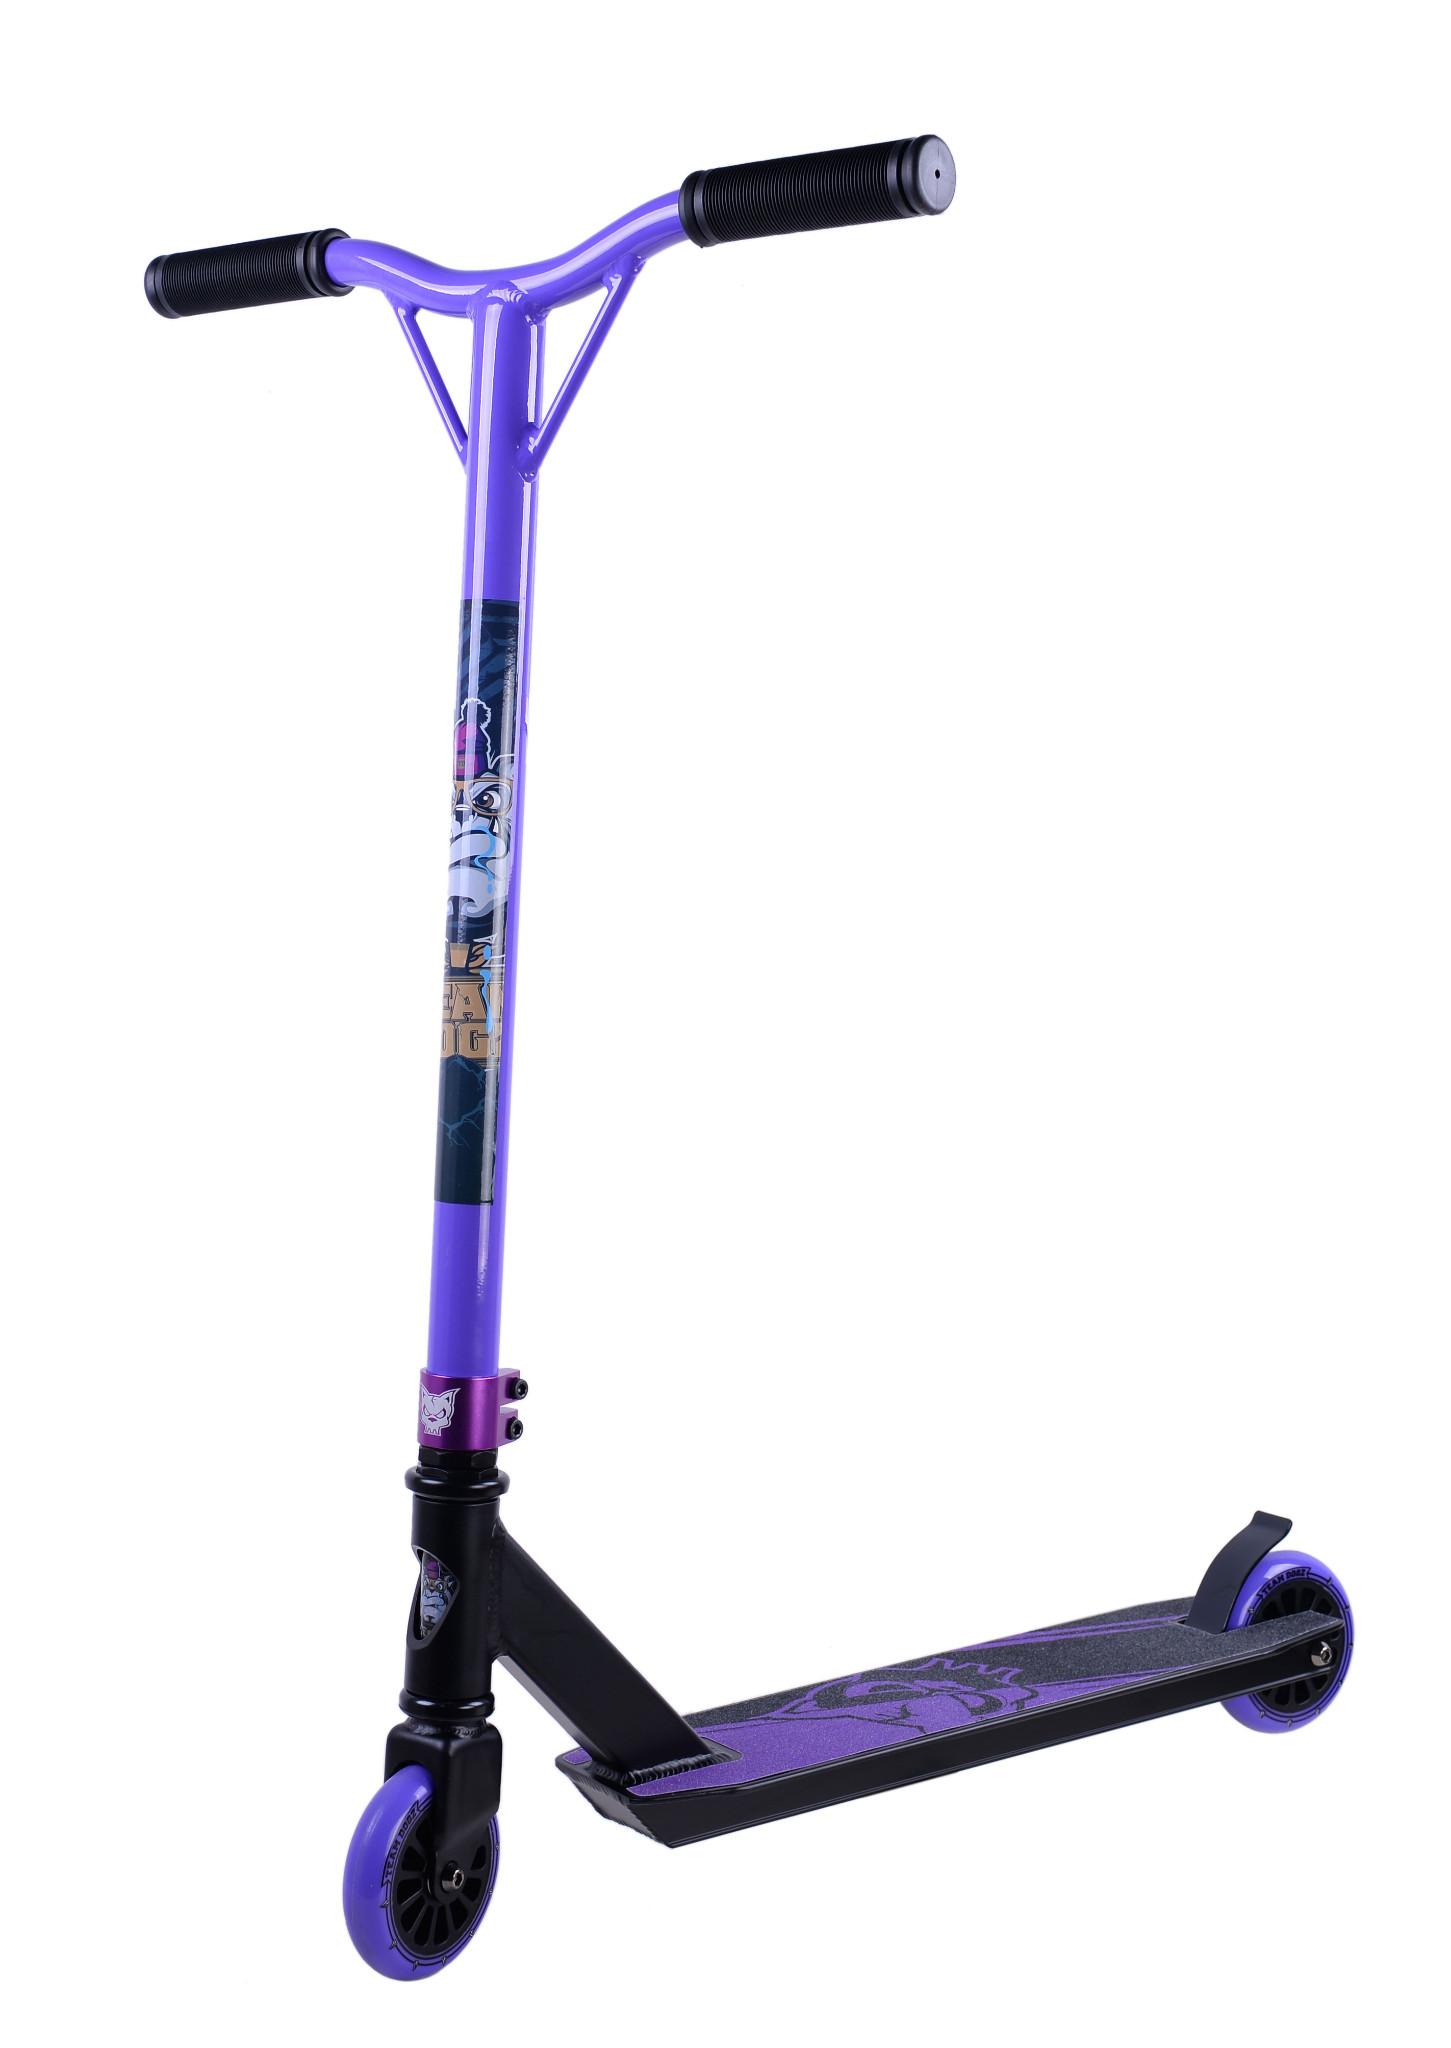 neu x gen team dogz pro 3 stunt scooter 360 kinder skate. Black Bedroom Furniture Sets. Home Design Ideas